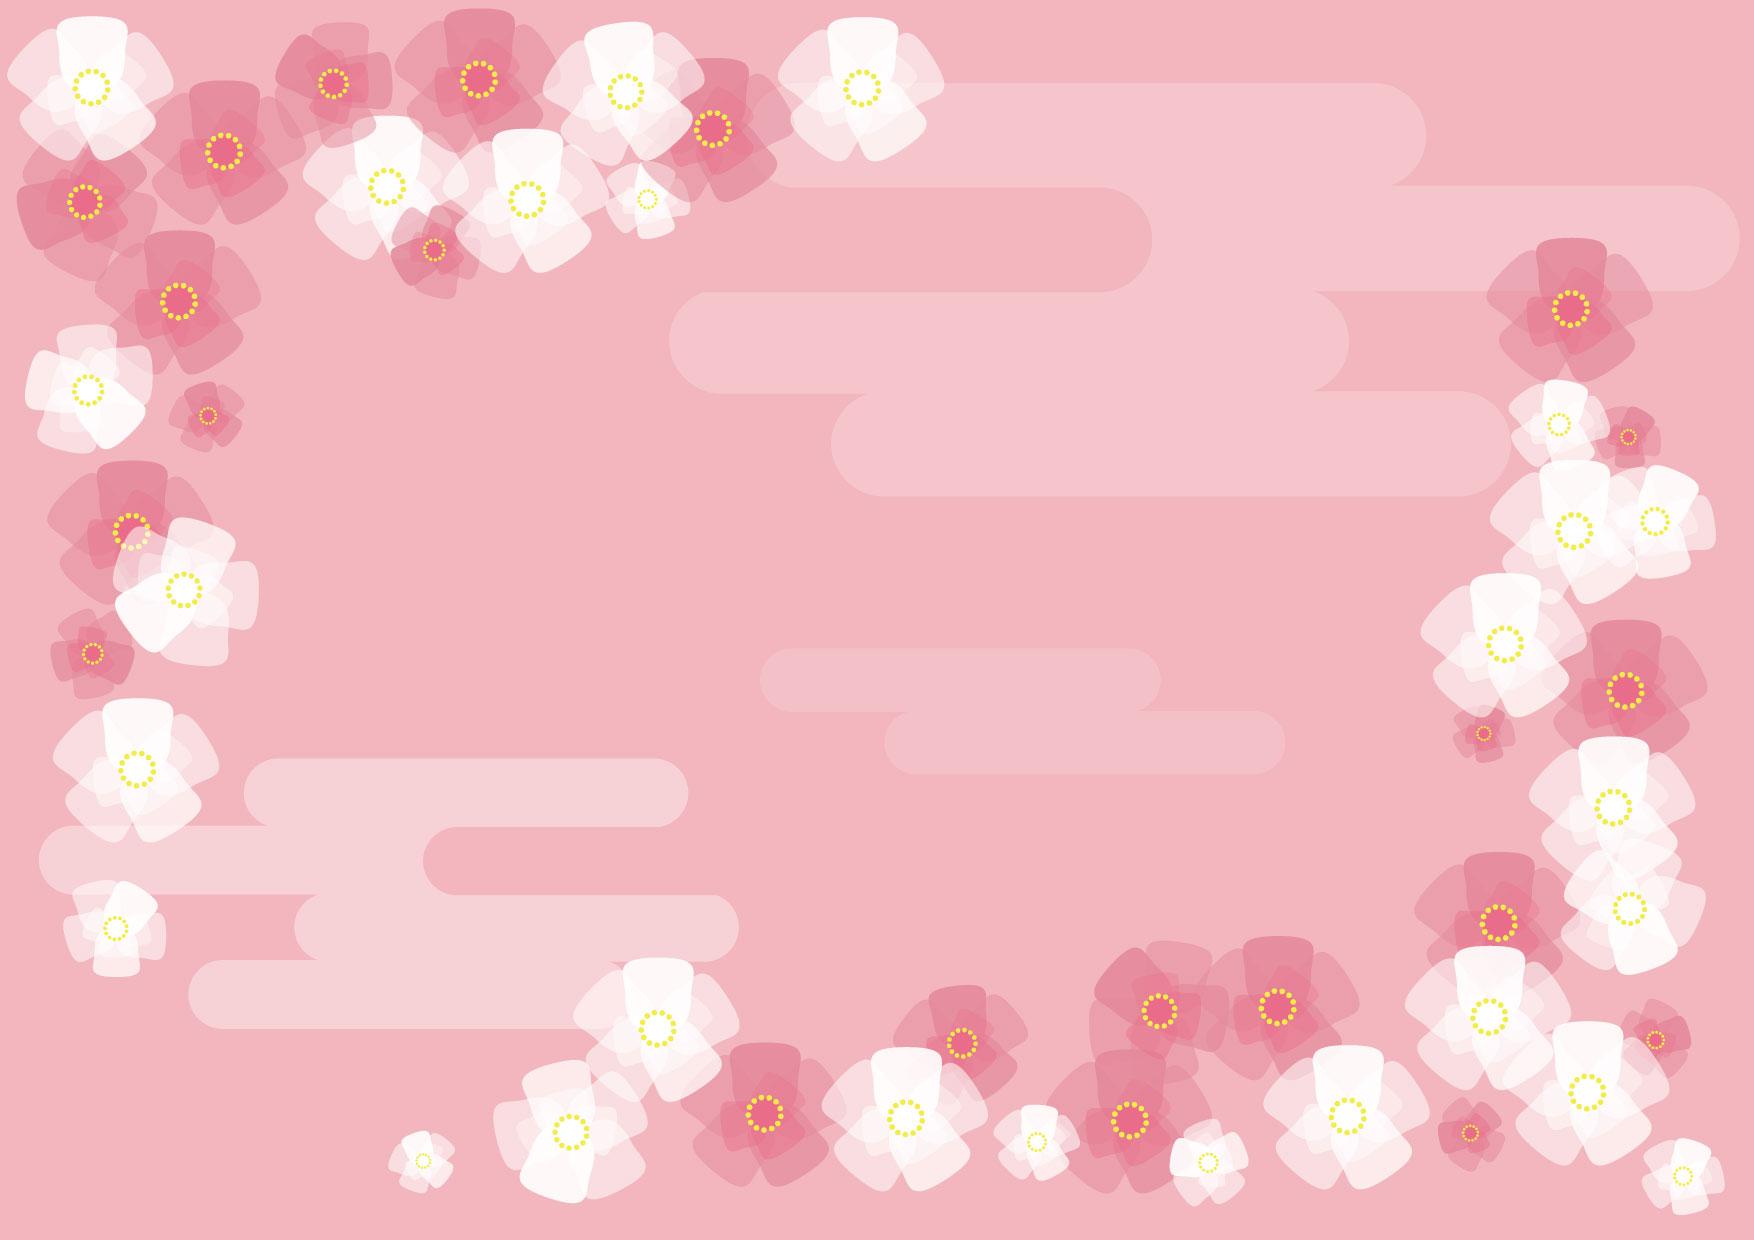 ひな祭り 桃の花 背景 イラスト 無料 | イラストダウンロード